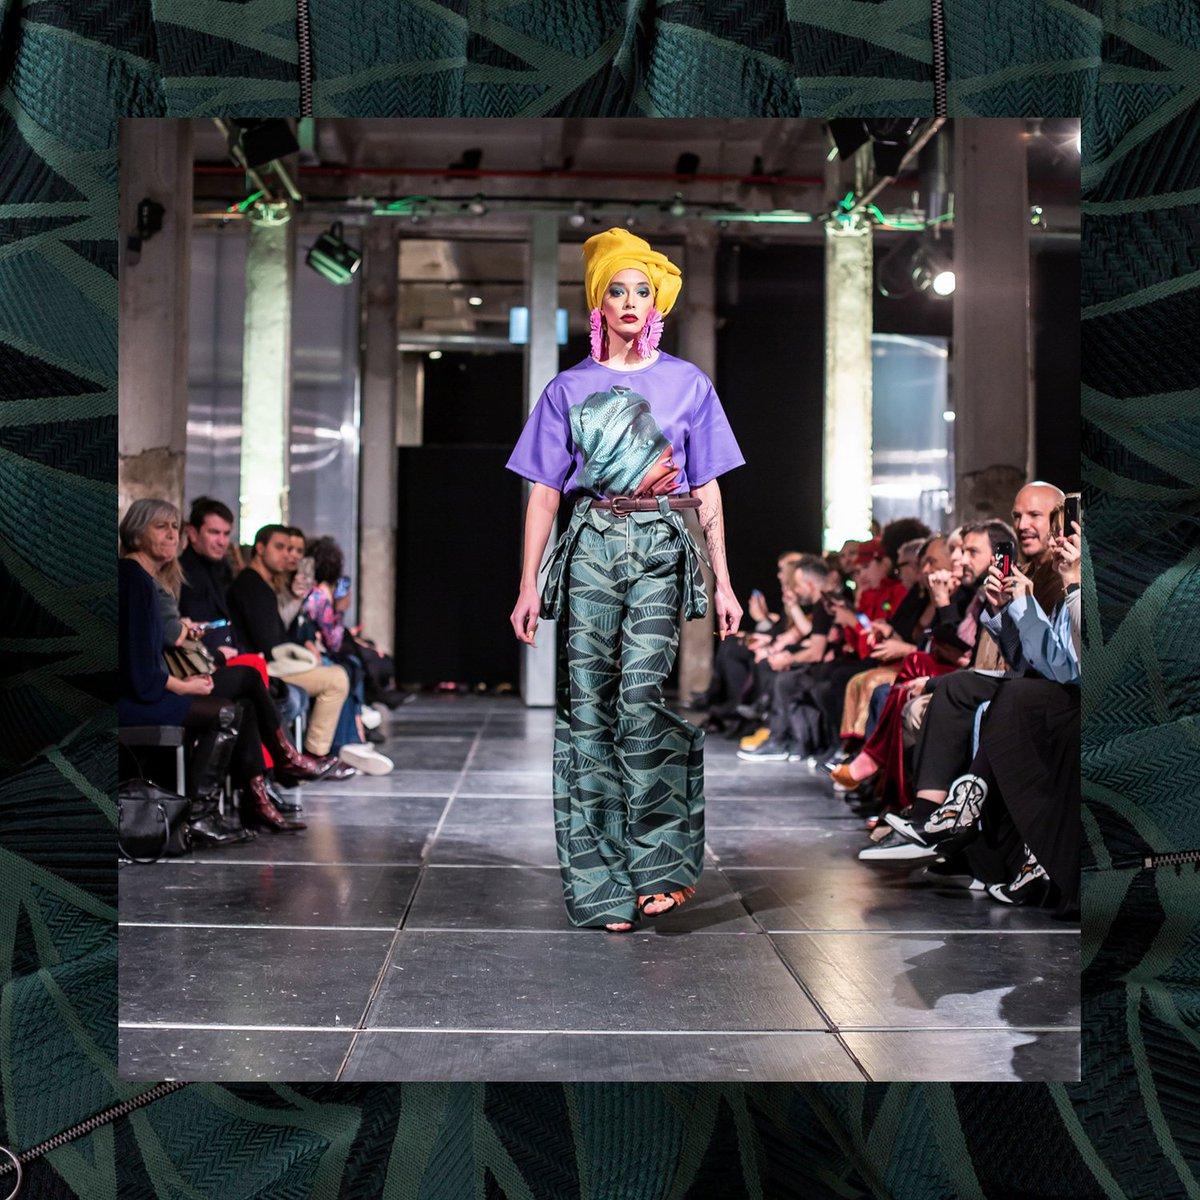 d8cd75ef93045 Pantalón Jacquard verde de talle a la cintura con pliegues y cremallera  metálica. A la venta en http   www.eduardonavarrete.com